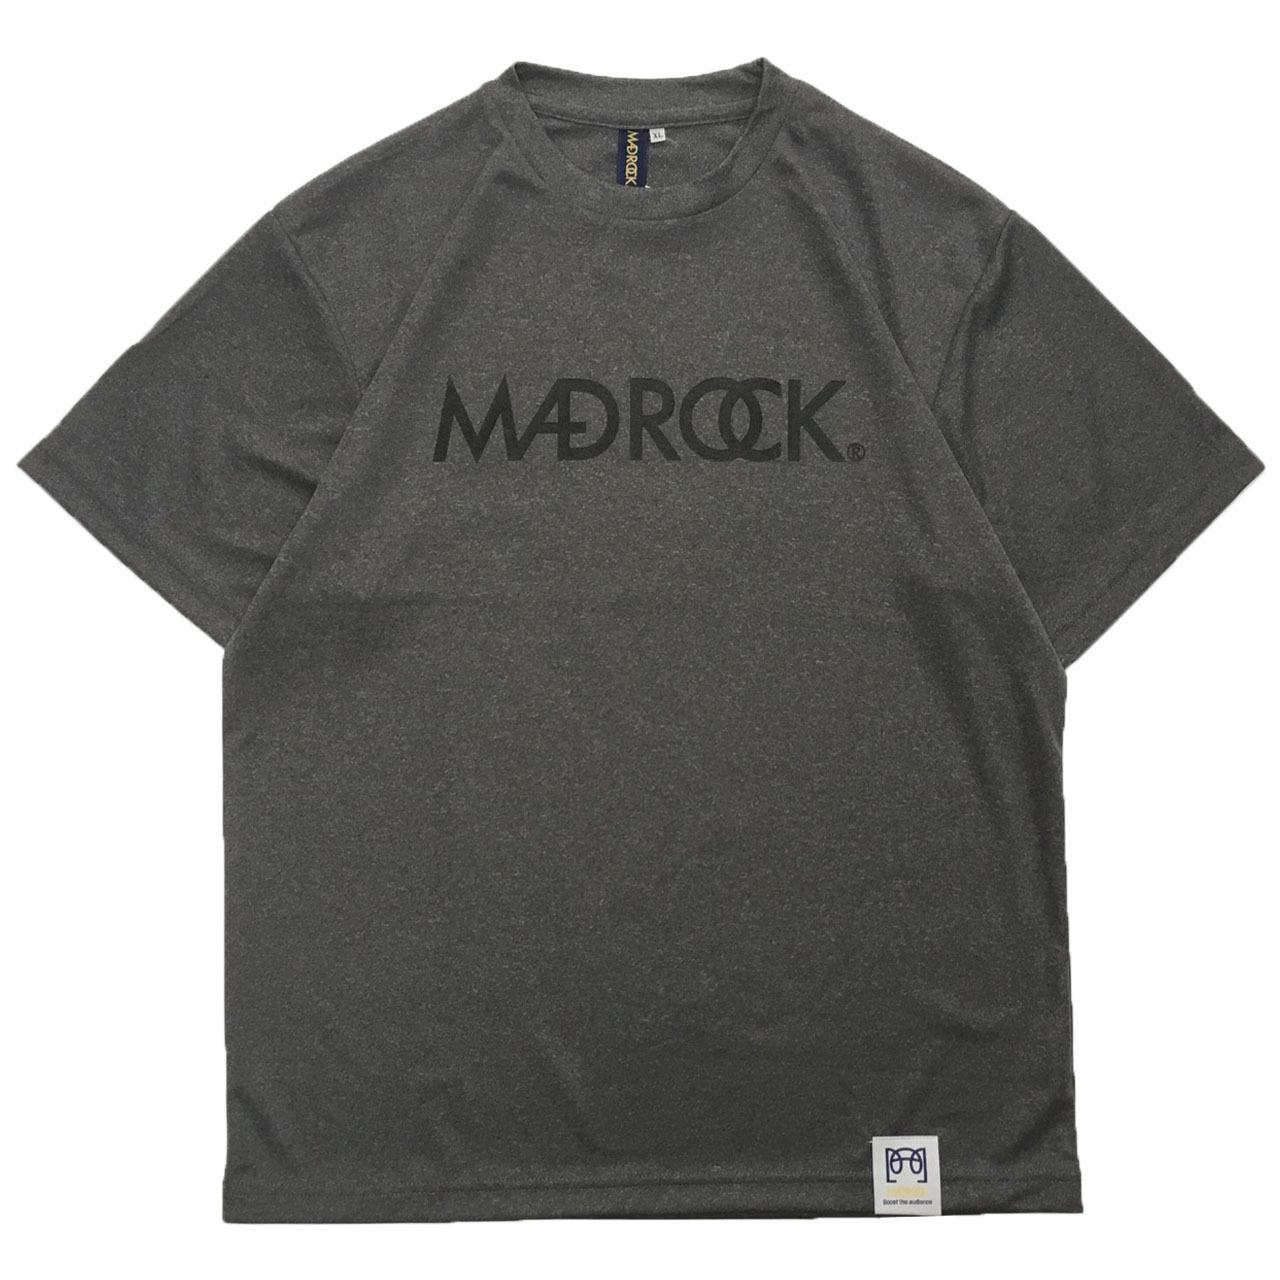 マッドロックロゴ Tシャツ/ドライタイプ/ヘザーグレー&ブラック